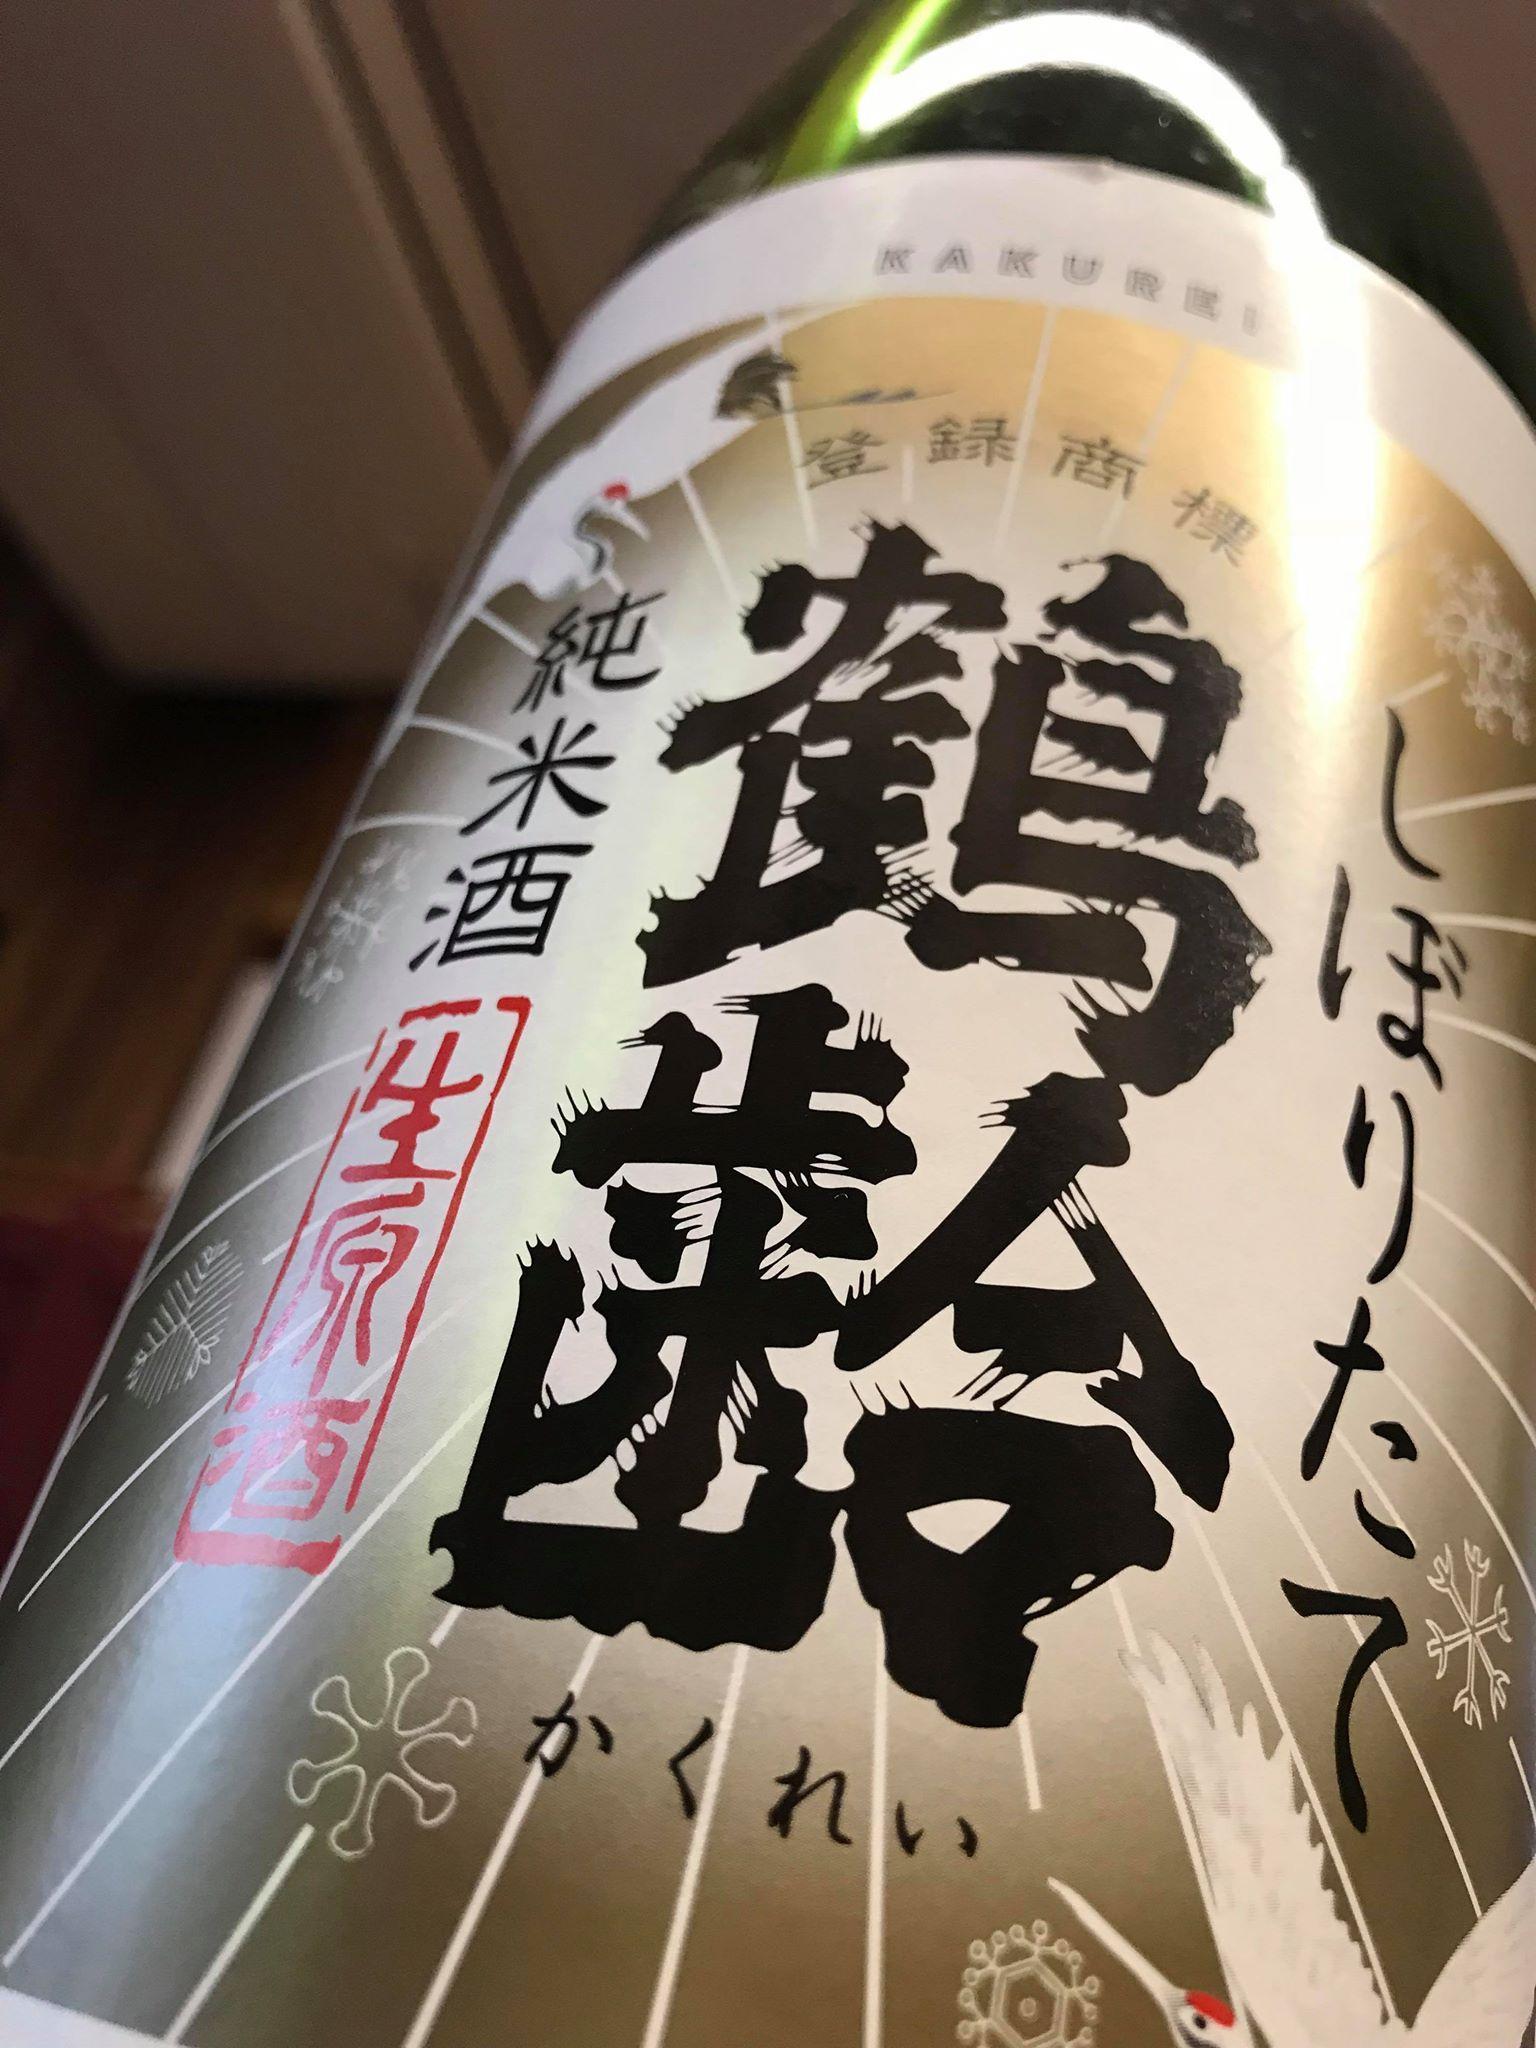 【日本酒】鶴齢 しぼりたて純米 槽口詰め 無濾過生原酒 越淡麗60 限定 新酒30BY_e0173738_9594937.jpg